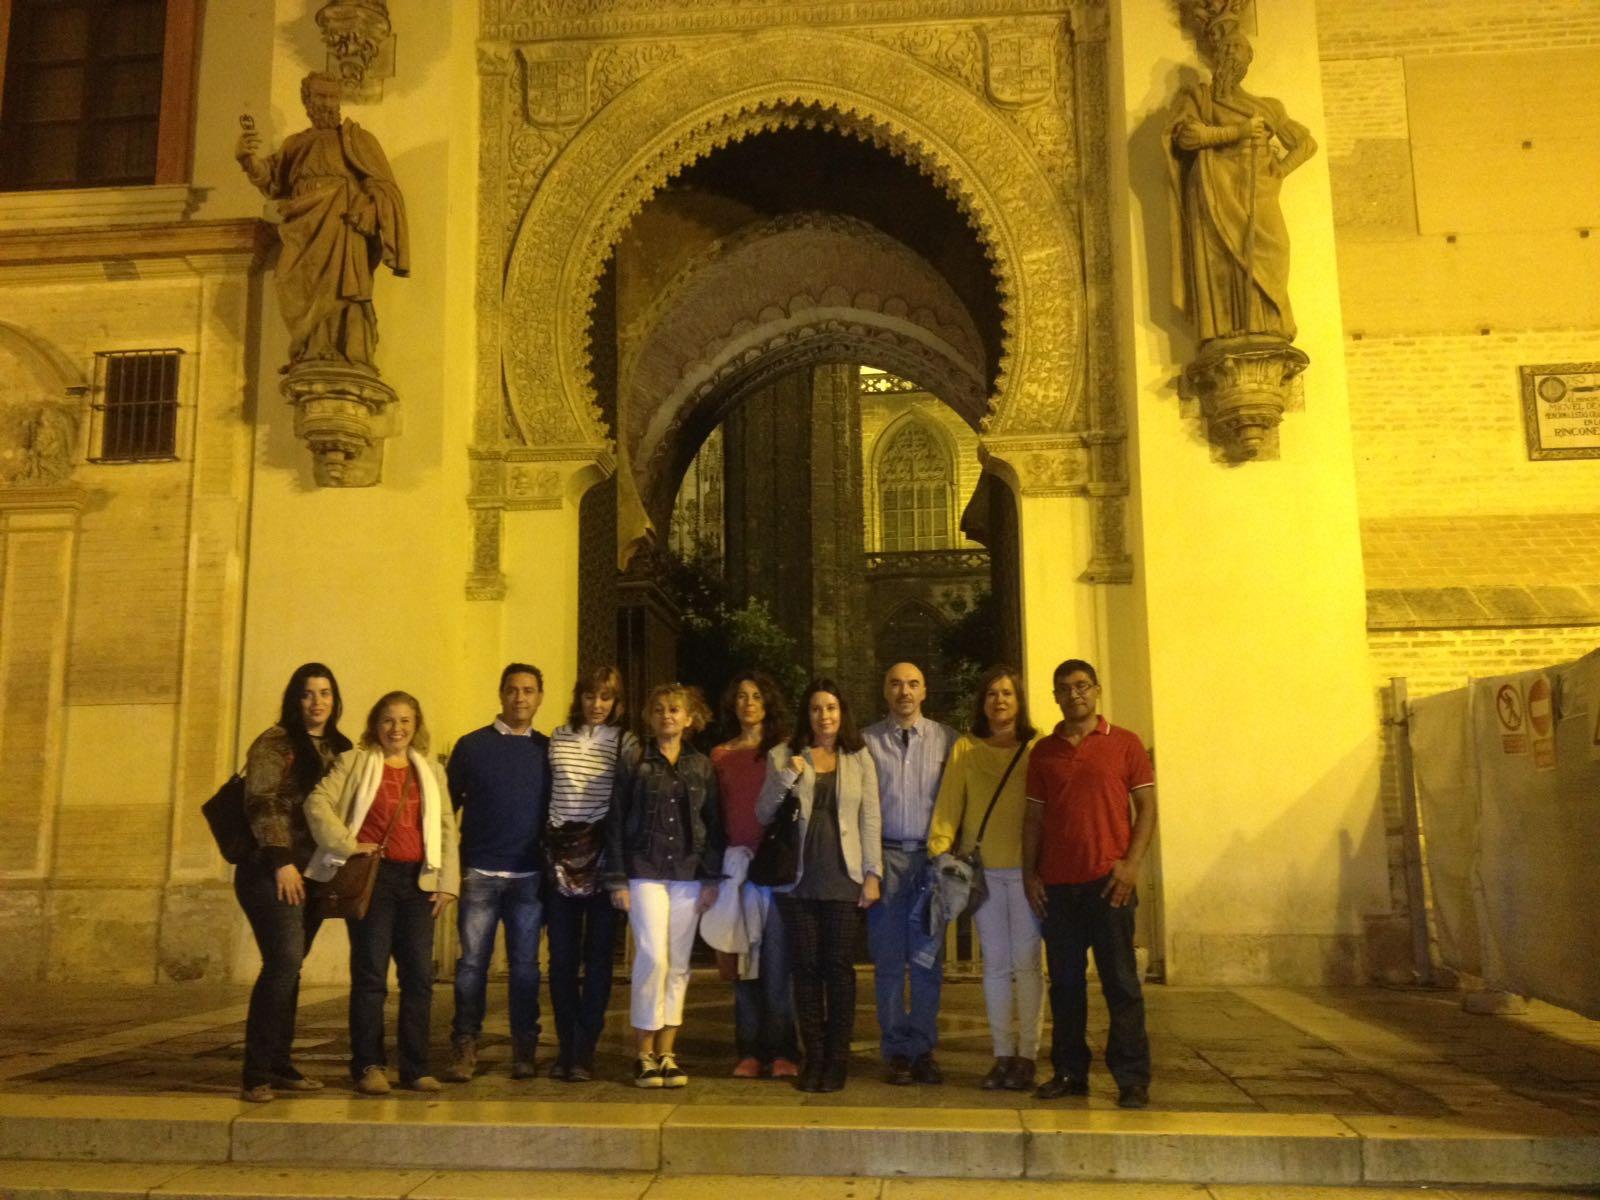 Rutas Culturales y Visitas Guiadas de Sevilla, Visitas Guiadas y Rutas Culturales por Sevilla, Conoce Sevilla con nuestras Experiencias Culturales y descubre su magia